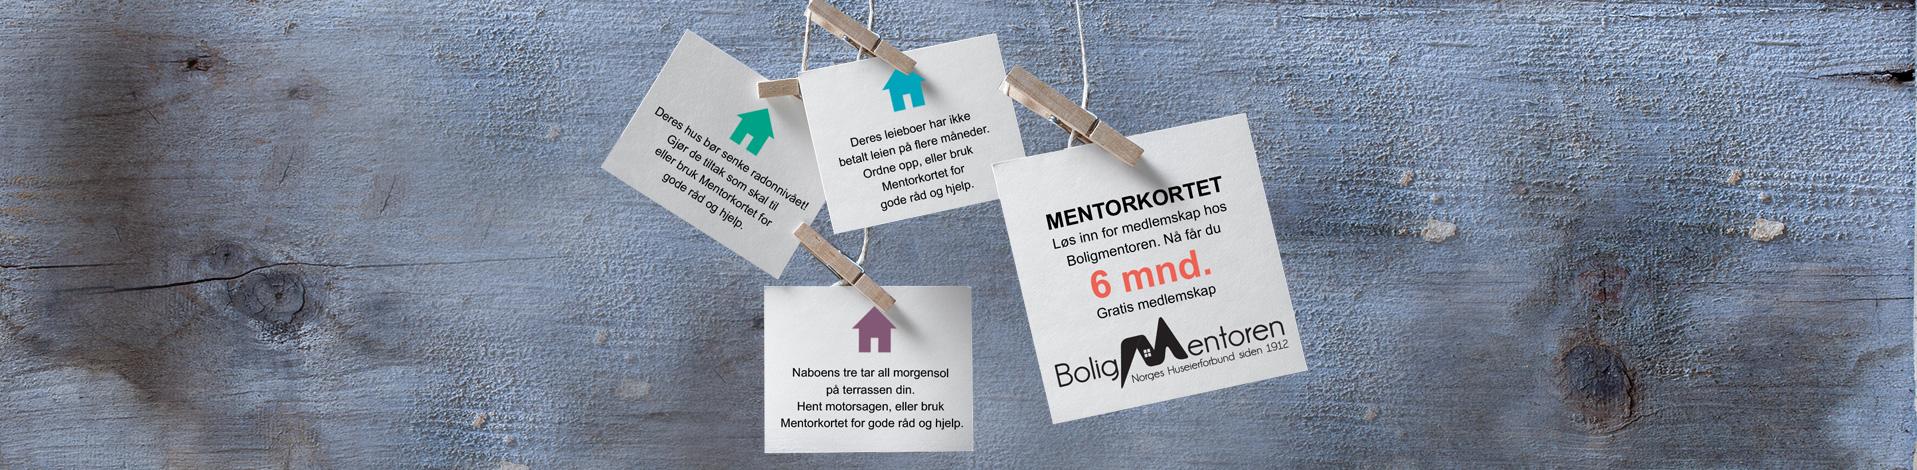 6 mnd gratis medlemskap i BoligMentoren